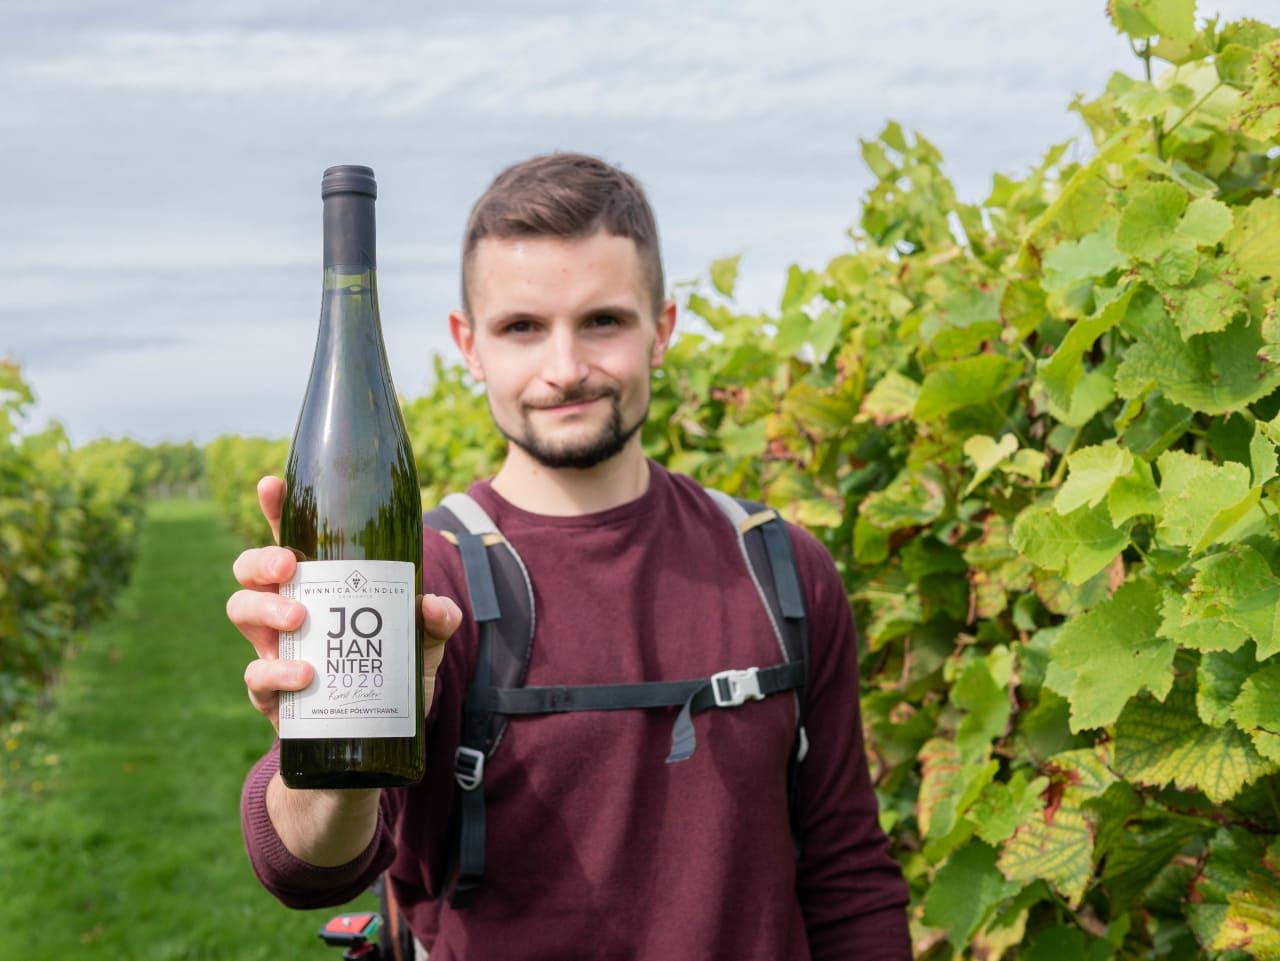 Dolny Śląsk2 Nietypowe Atrakcje Winnica Kindler Uniejowice Wino Winiarnia Dolnośląski Szlak Piwa i Wina2